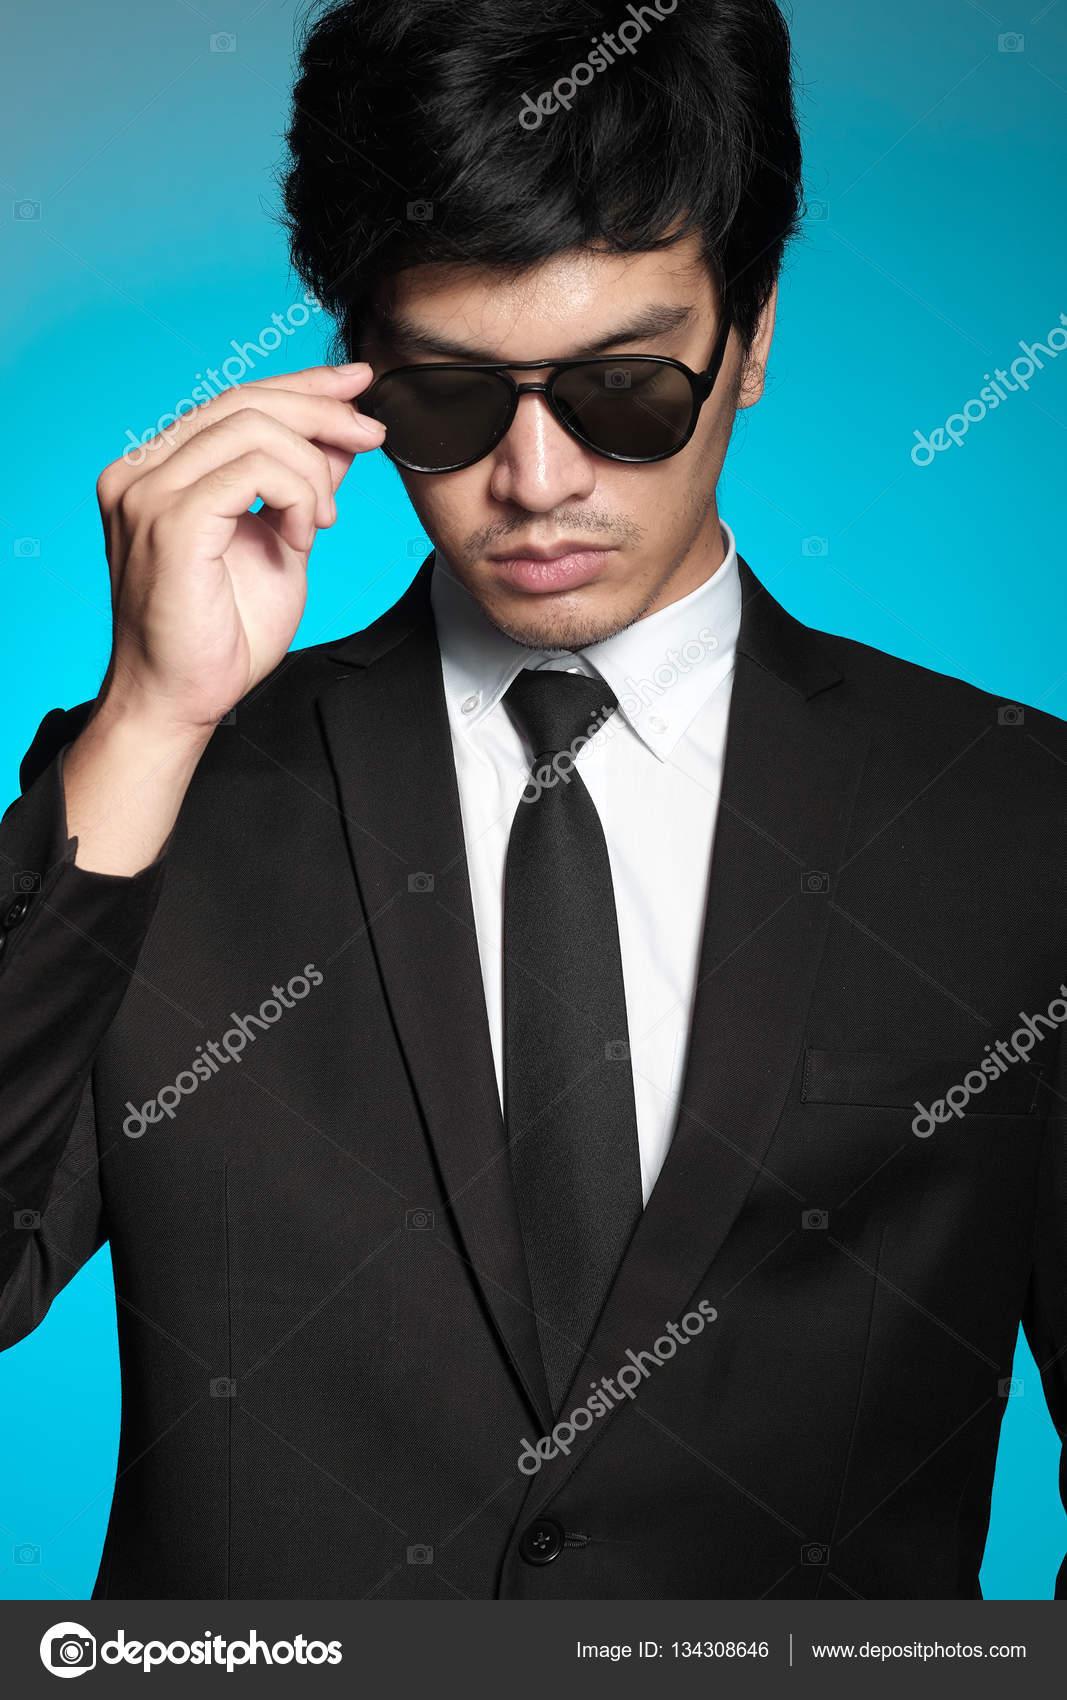 Homme asiatique en costume noir et chemise blanche sur fond bleu — Image de  crazybboy 5753cafe2fd